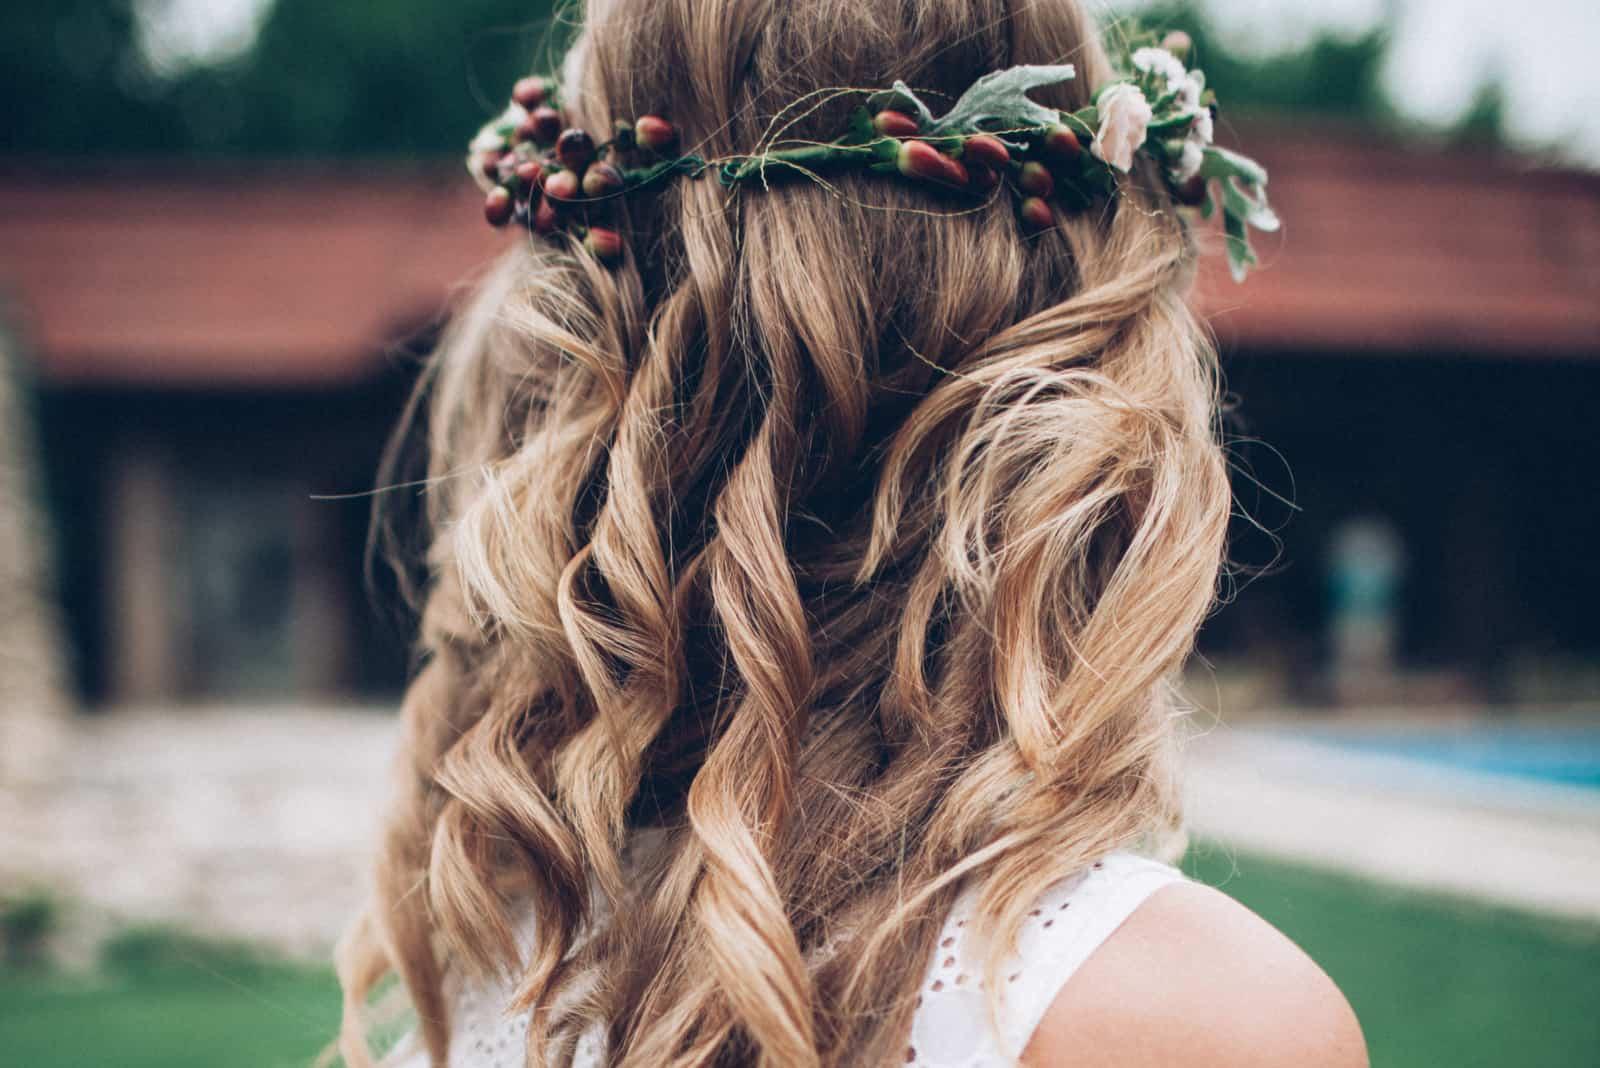 Braut mit schön gekräuselten lockigen Haaren